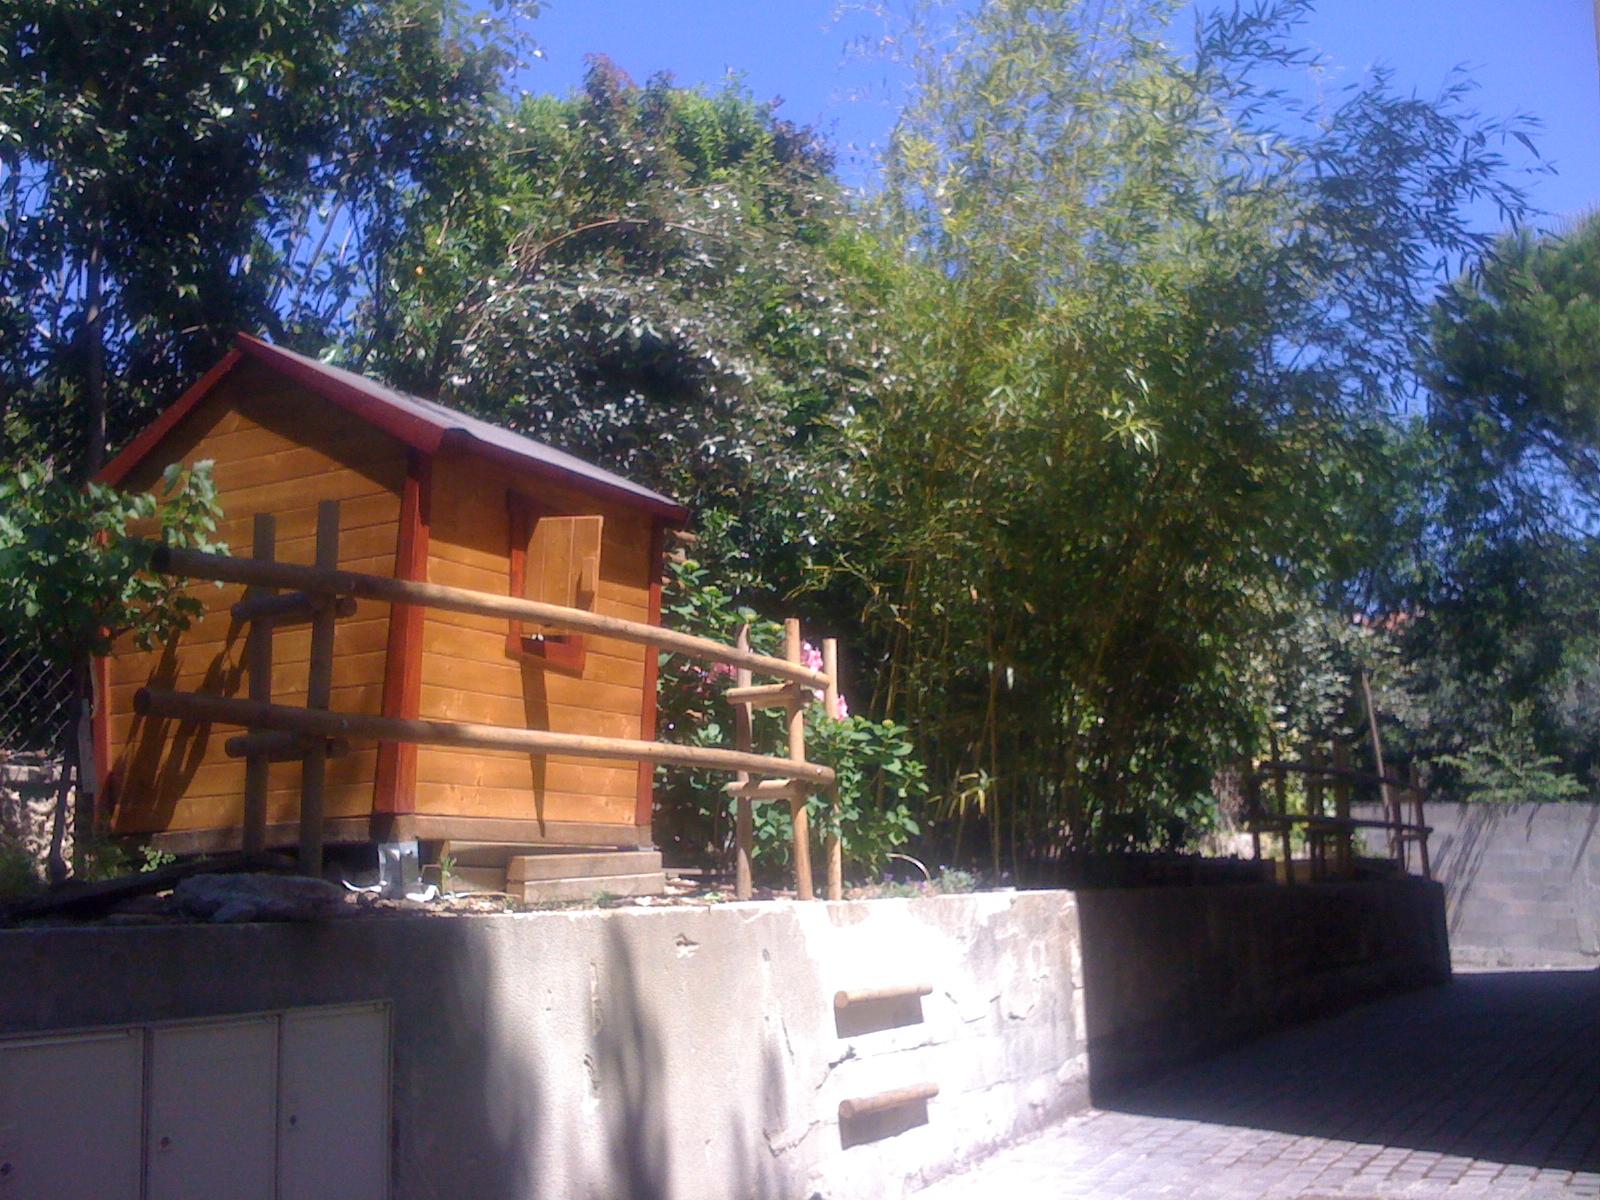 Le Jardin Cabane De Carla - Communauté Leroy Merlin serapportantà Cabane De Jardin Leroy Merlin